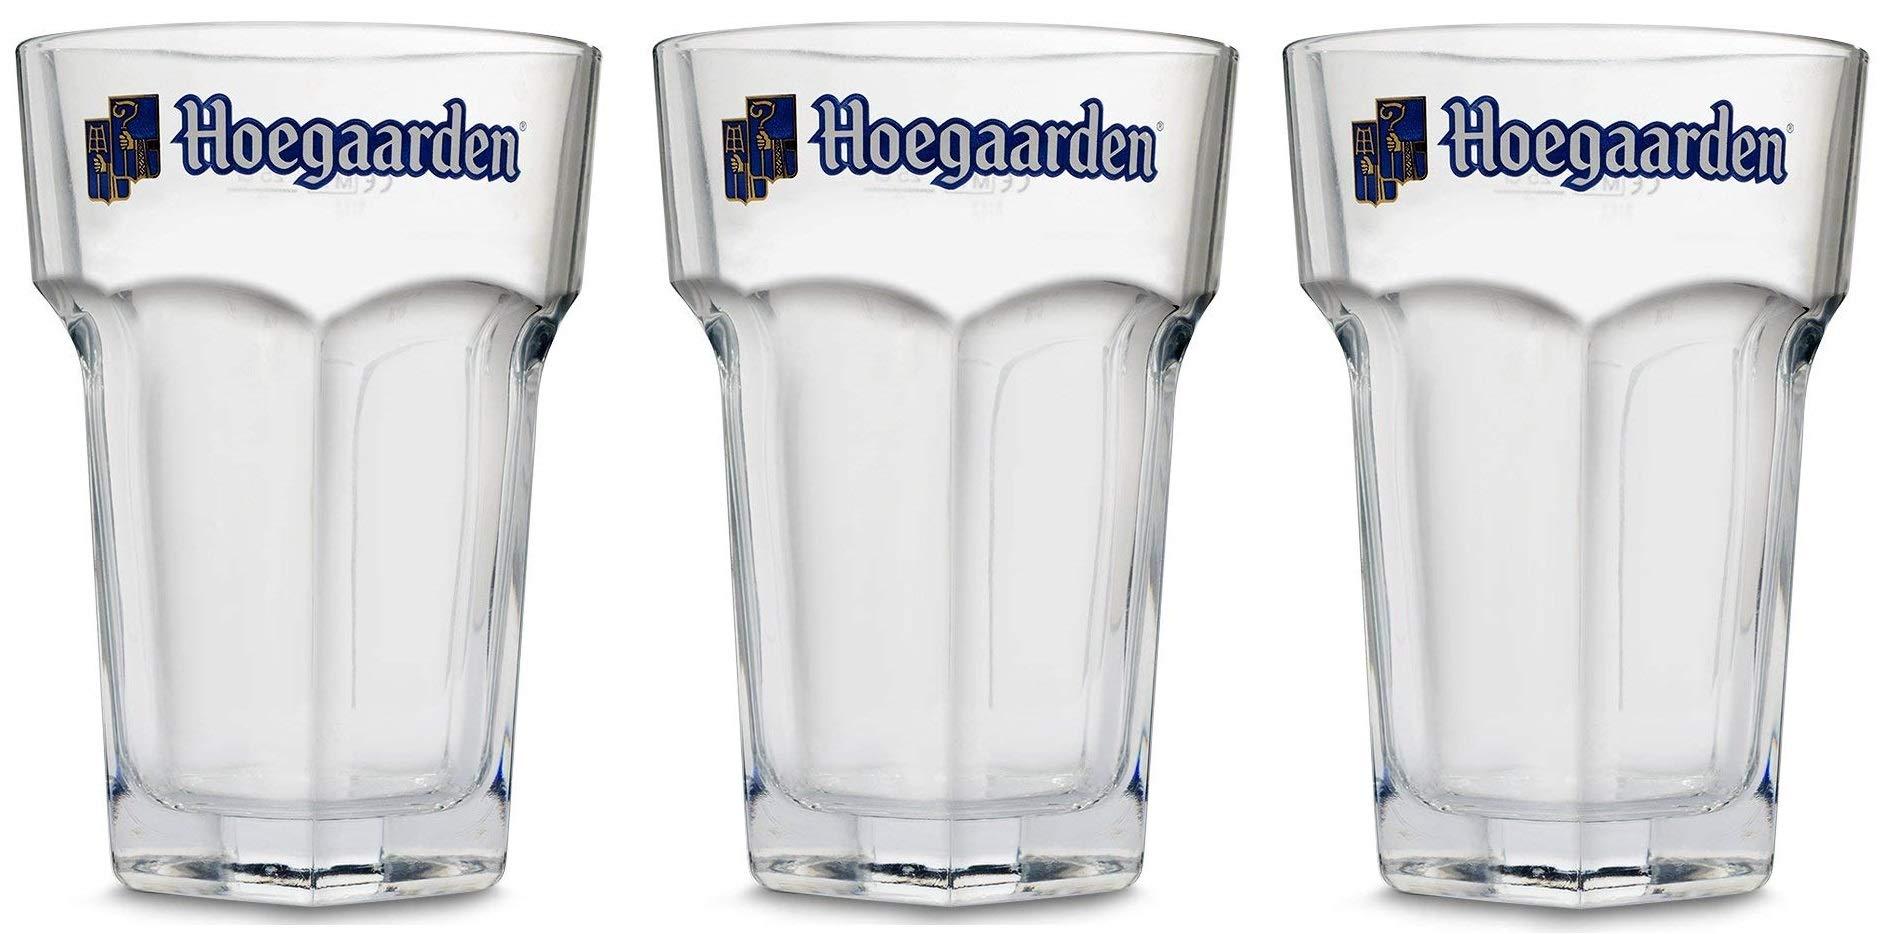 Hoegaarden Beer 3-Pack Tumbler Set, 33cl